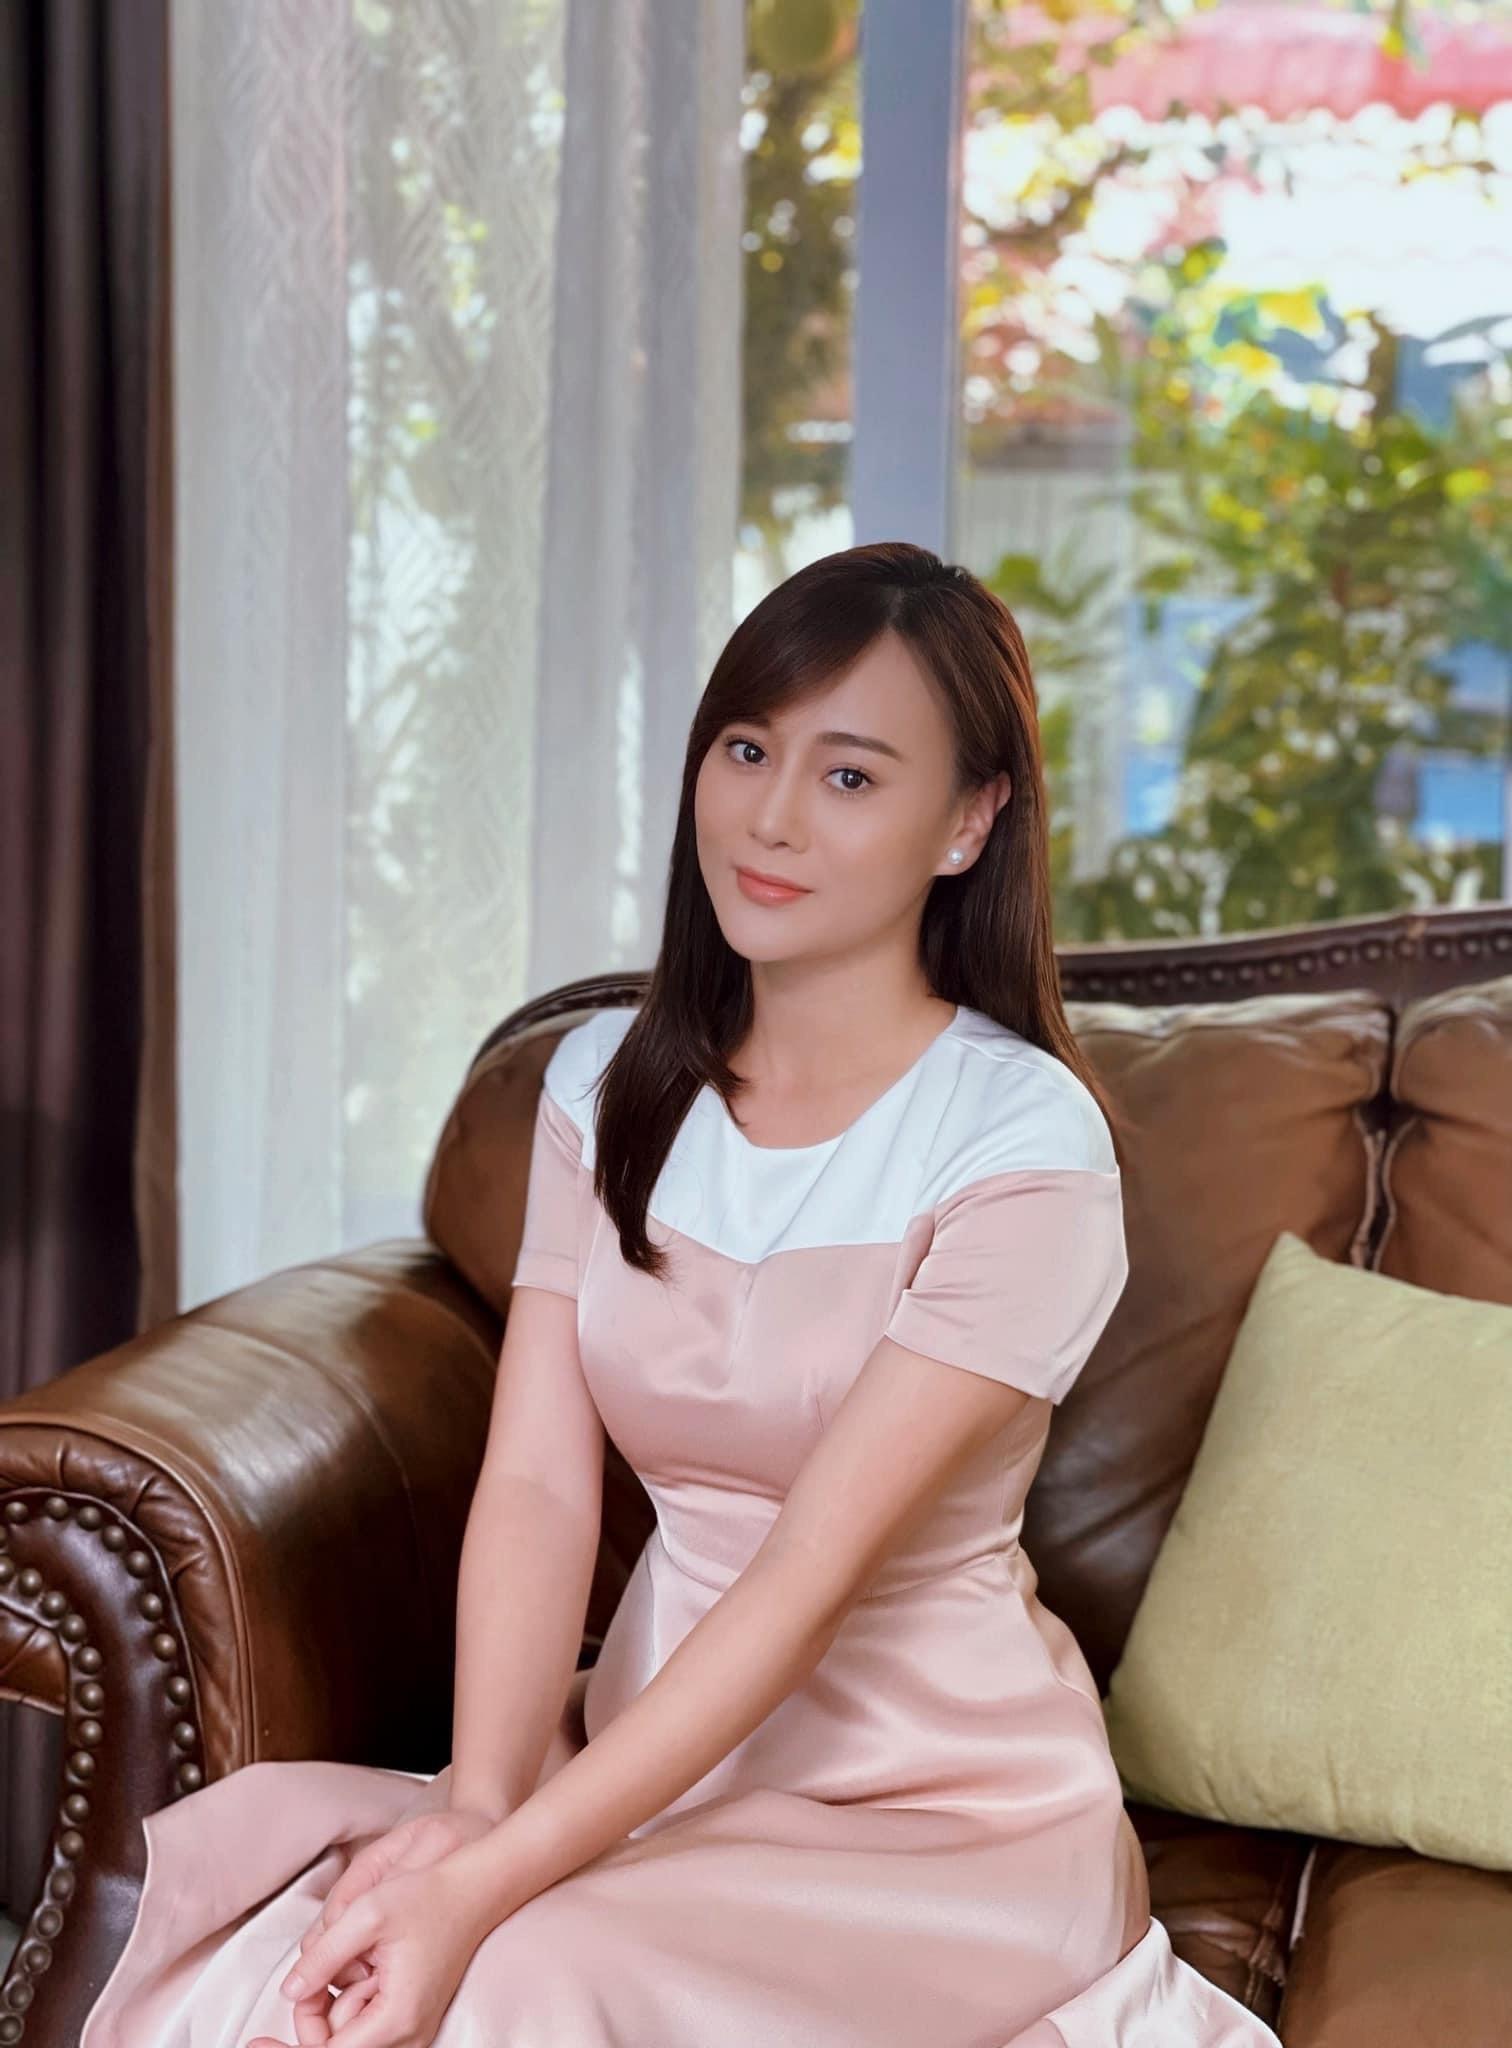 Phương Oanh có 'bệ phóng lớn' thách thức cả mẹ chồng, bà Xuân lo lắng 'đấu không lại' dâu trưởng